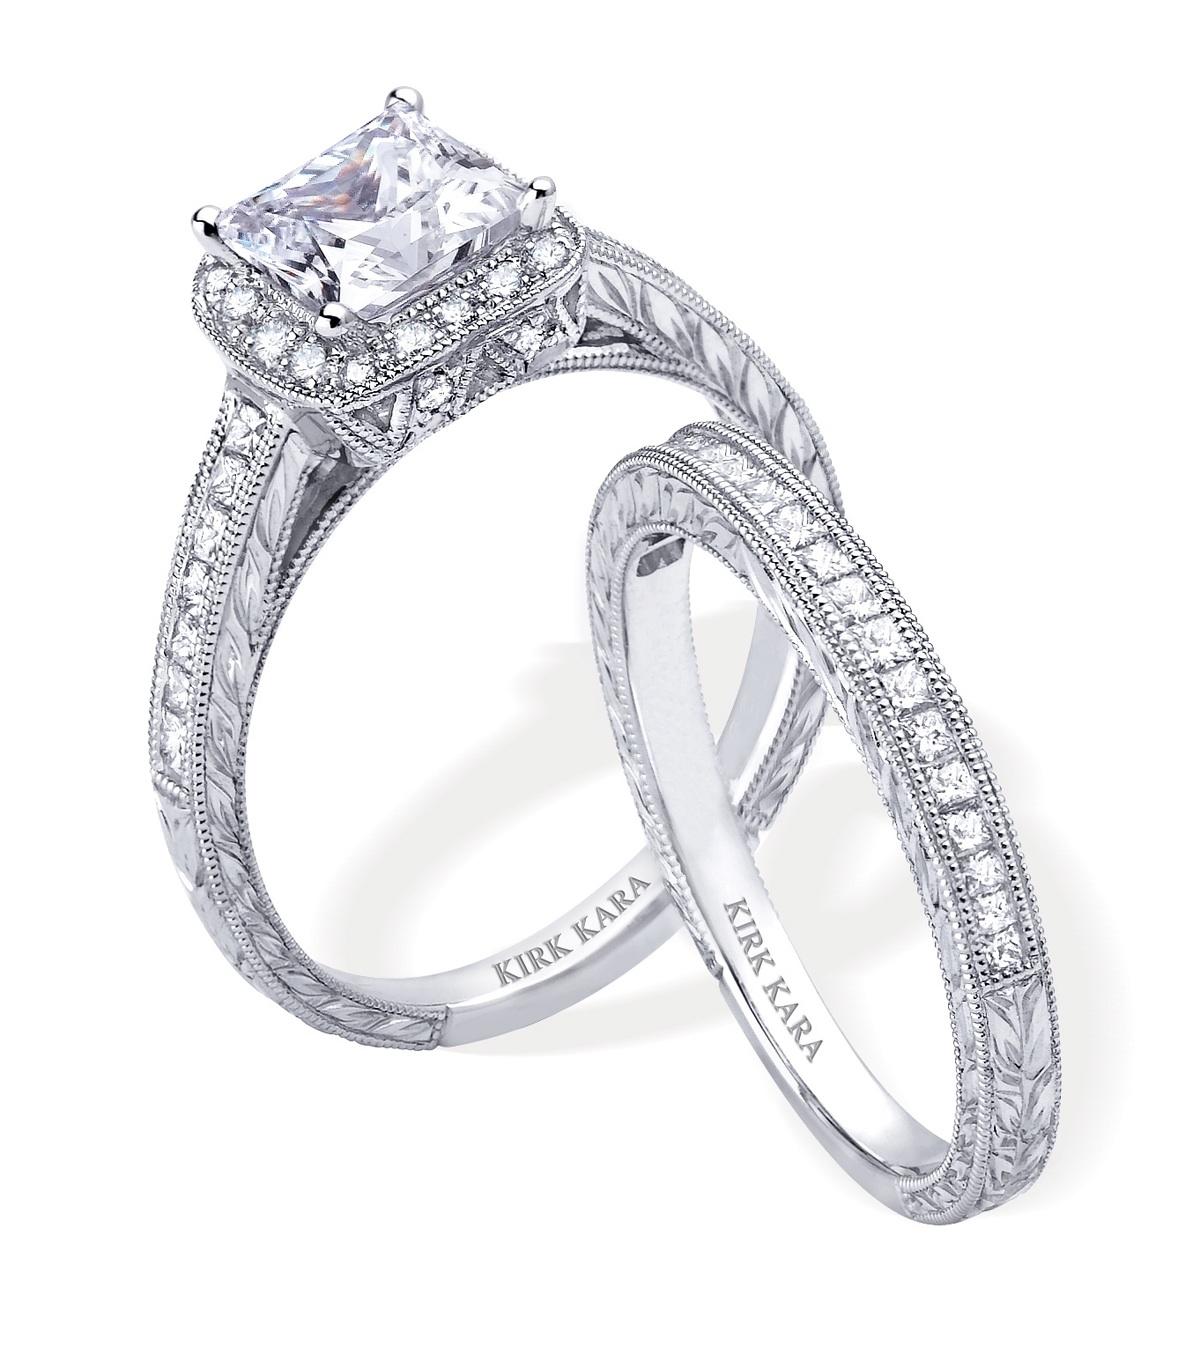 engagement rings and wedding band sets wedding engagement rings Diamond Engagement Ring And Wedding Band Set By Kirk Kara